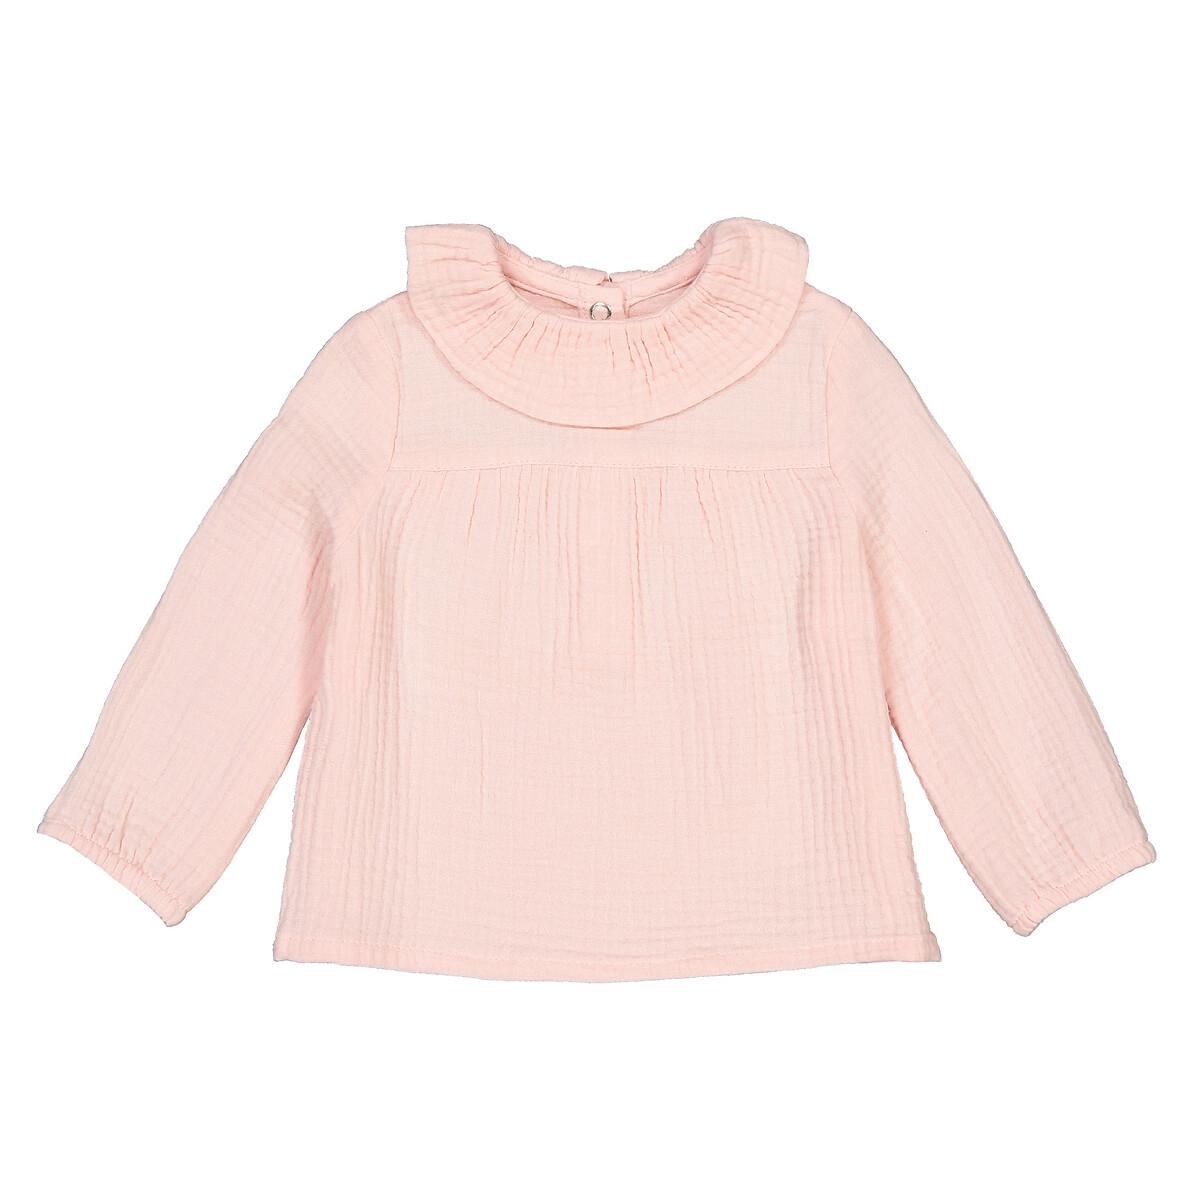 Блузка LaRedoute С воротником с воланом из хлопчатобумажной газовой ткани 1 мес-3 лет 9 мес. - 71 см розовый